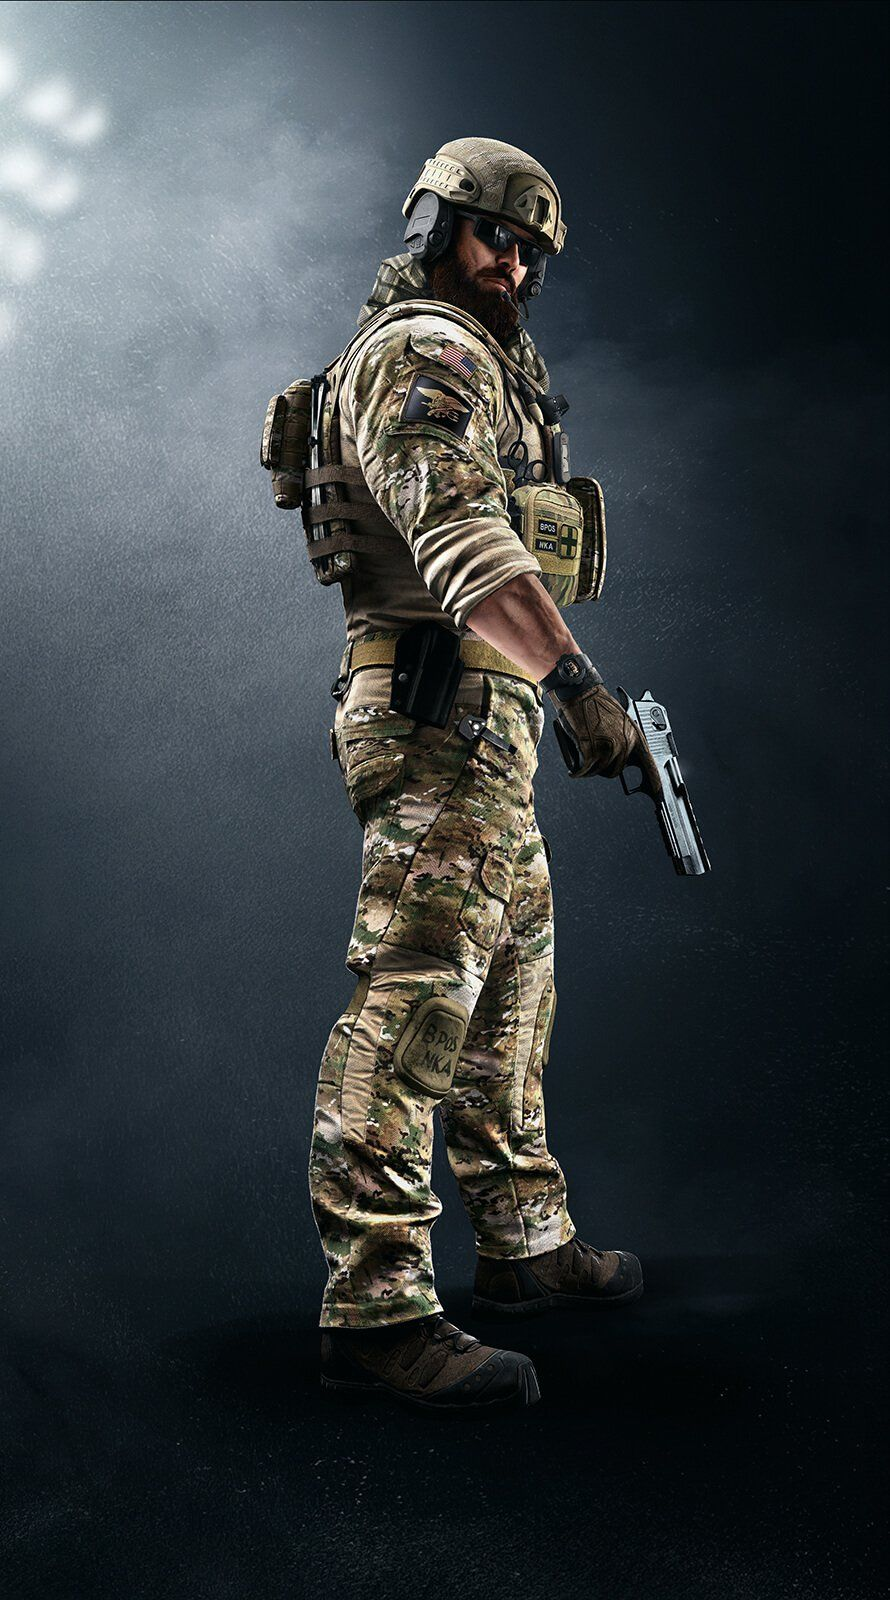 blackbeard #R6 | Oyun dünyası, Video oyunları, Askeri